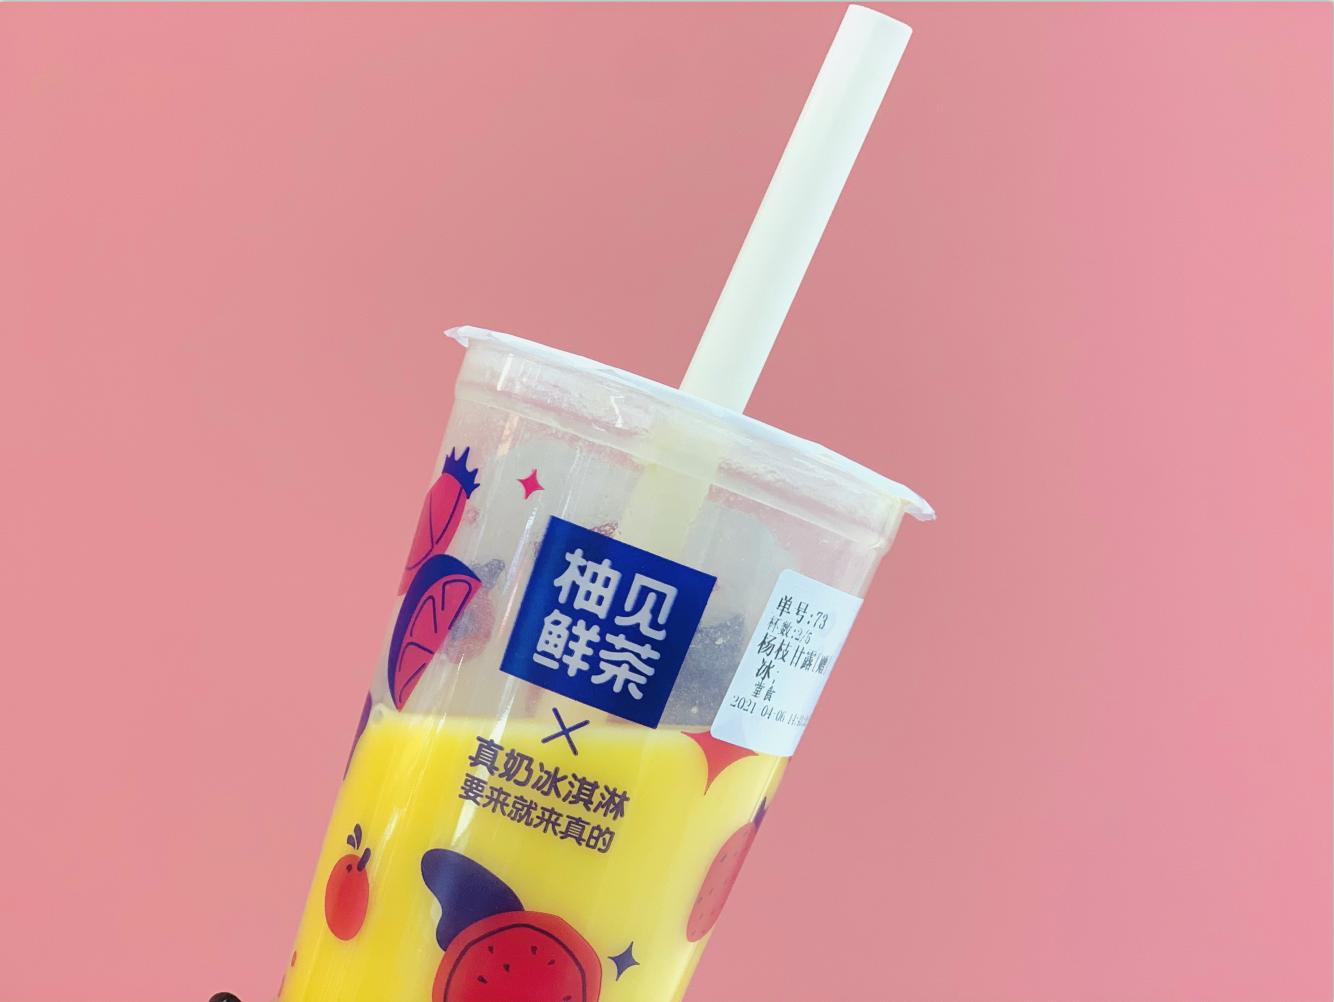 柚见鲜茶奶茶